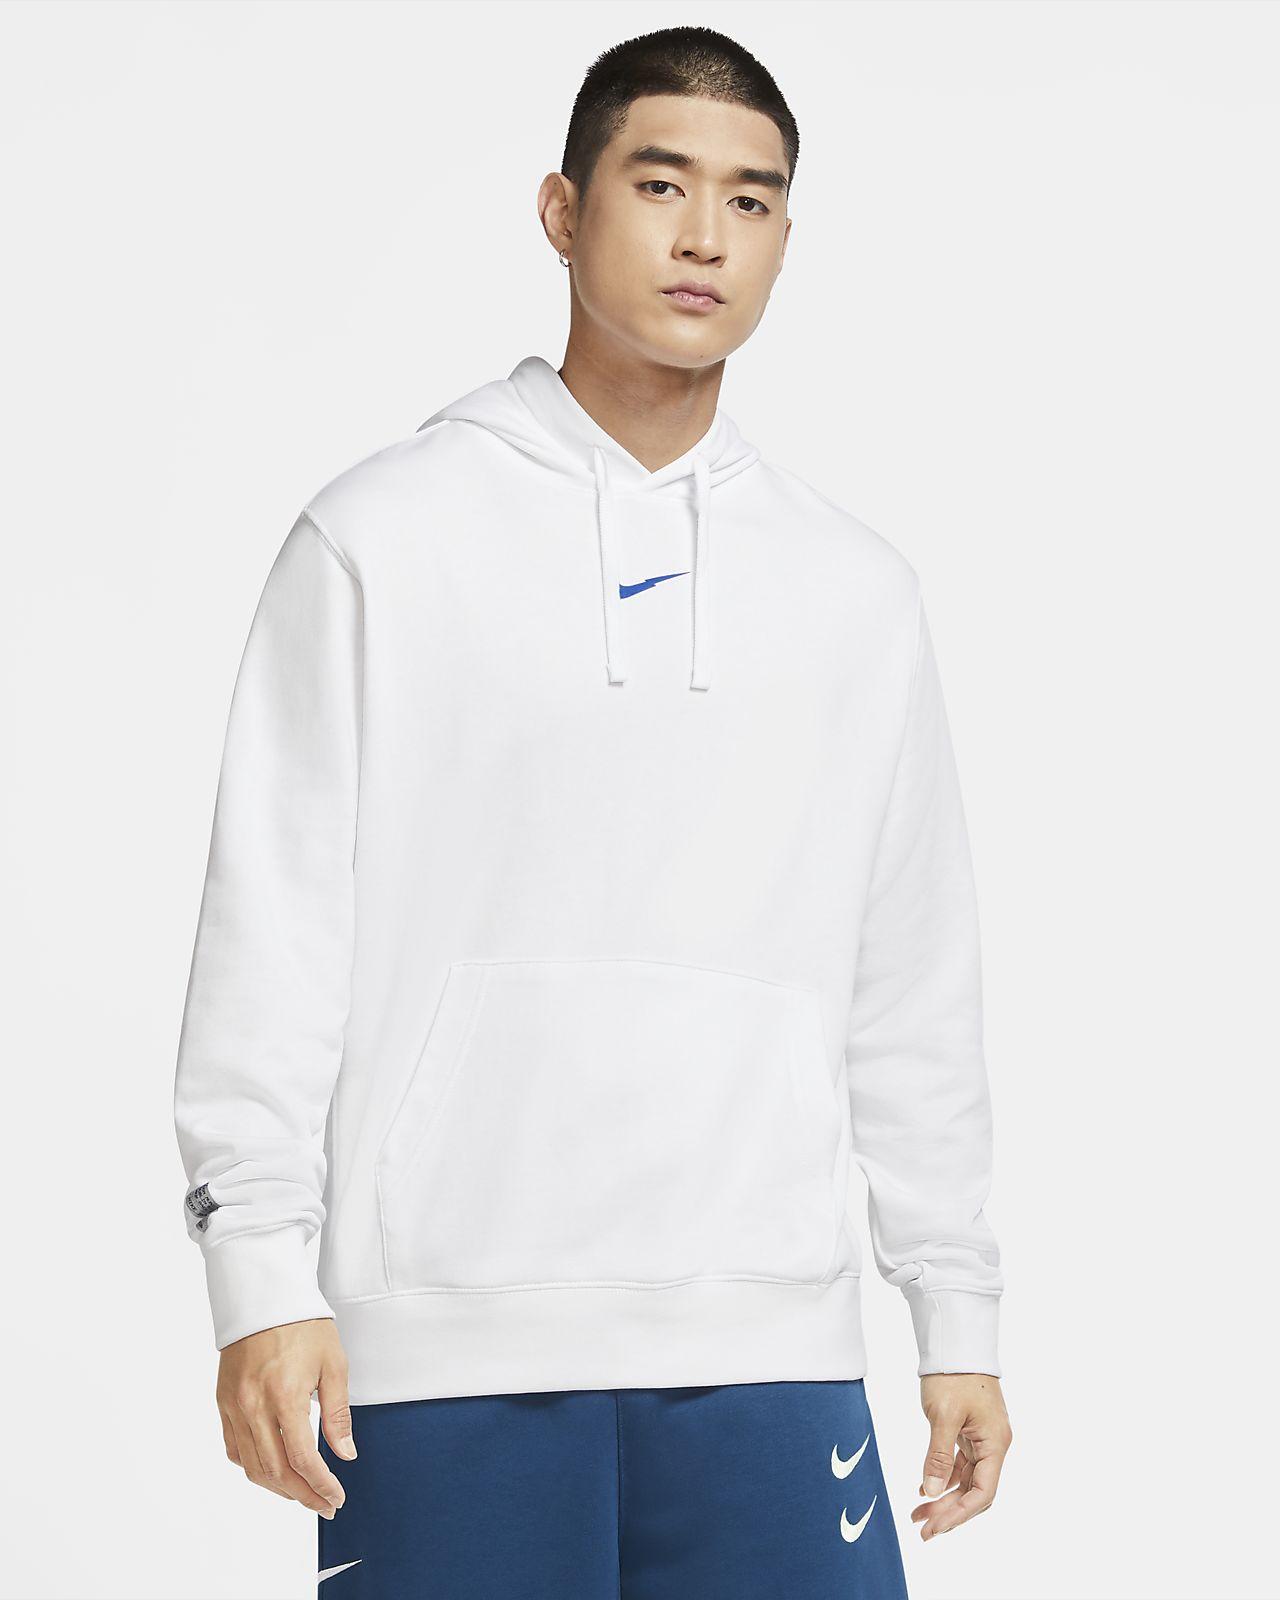 Huvtröja i frotté Nike Sportswear för män